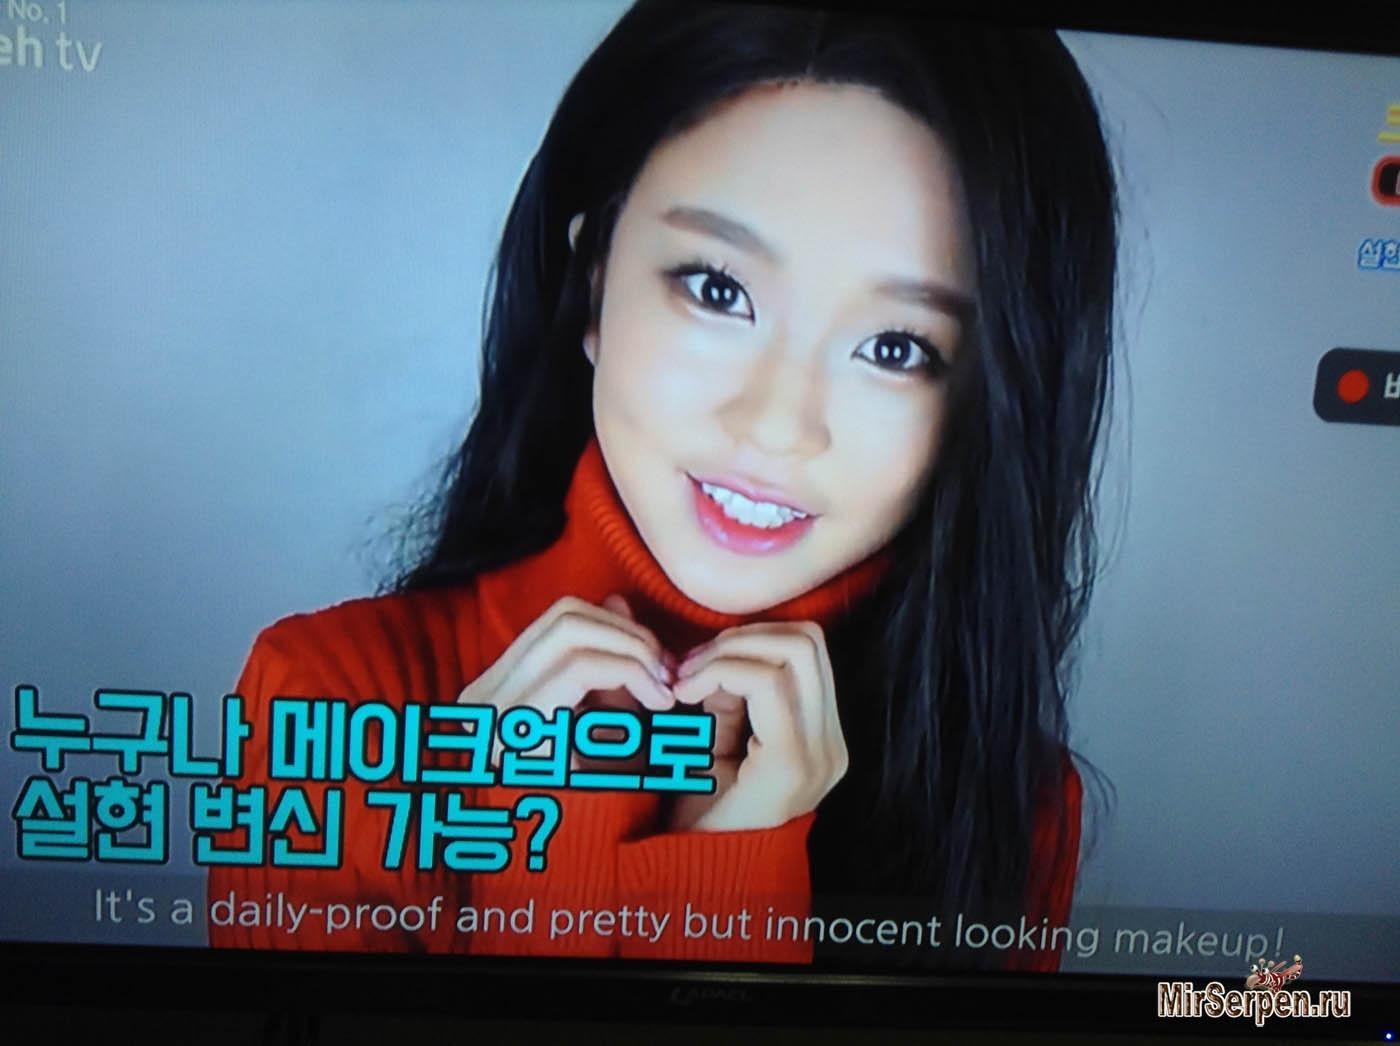 Реальные кореянские кореянки в Сеуле